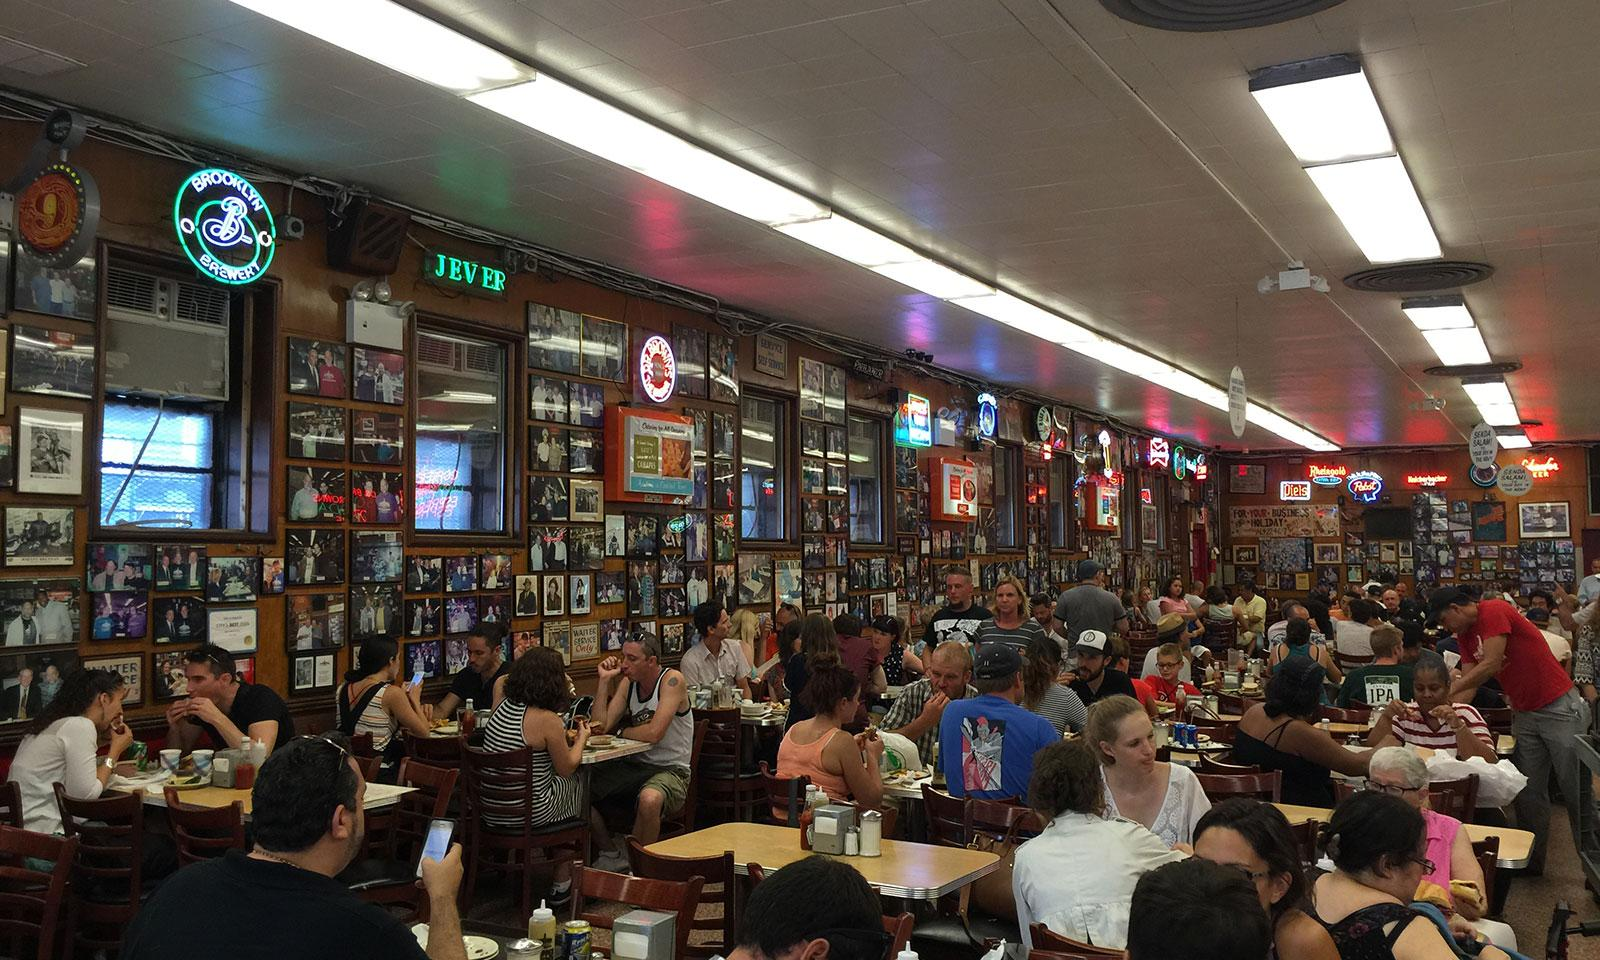 Katz Delicatessen NYC